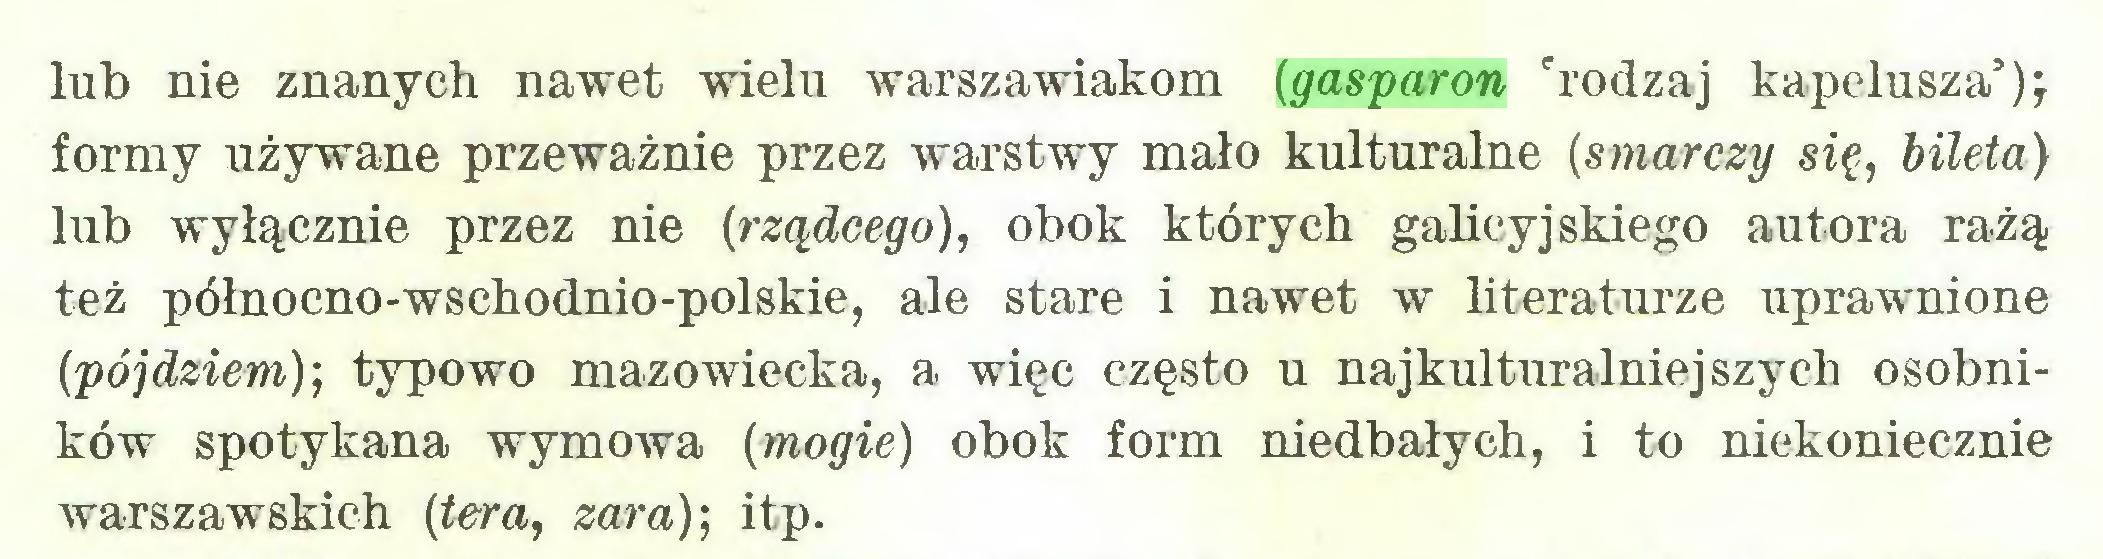 (...) lub nie znanych nawet wielu warszawiakom (gasparon 'rodzaj kapelusza5 formy używane przeważnie przez warstwy mało kulturalne (smarczy się, bileta) lub wyłącznie przez nie (rządcego), obok których galicyjskiego autora rażą też północno-wschodnio-polskie, ale stare i nawet w literaturze uprawnione (pójdziem)-, typowo mazowiecka, a więc często u najkulturalniej szych osobników spotykana wymowa (mogie) obok form niedbałych, i to niekoniecznie warszawskich (tera, zara); itp...